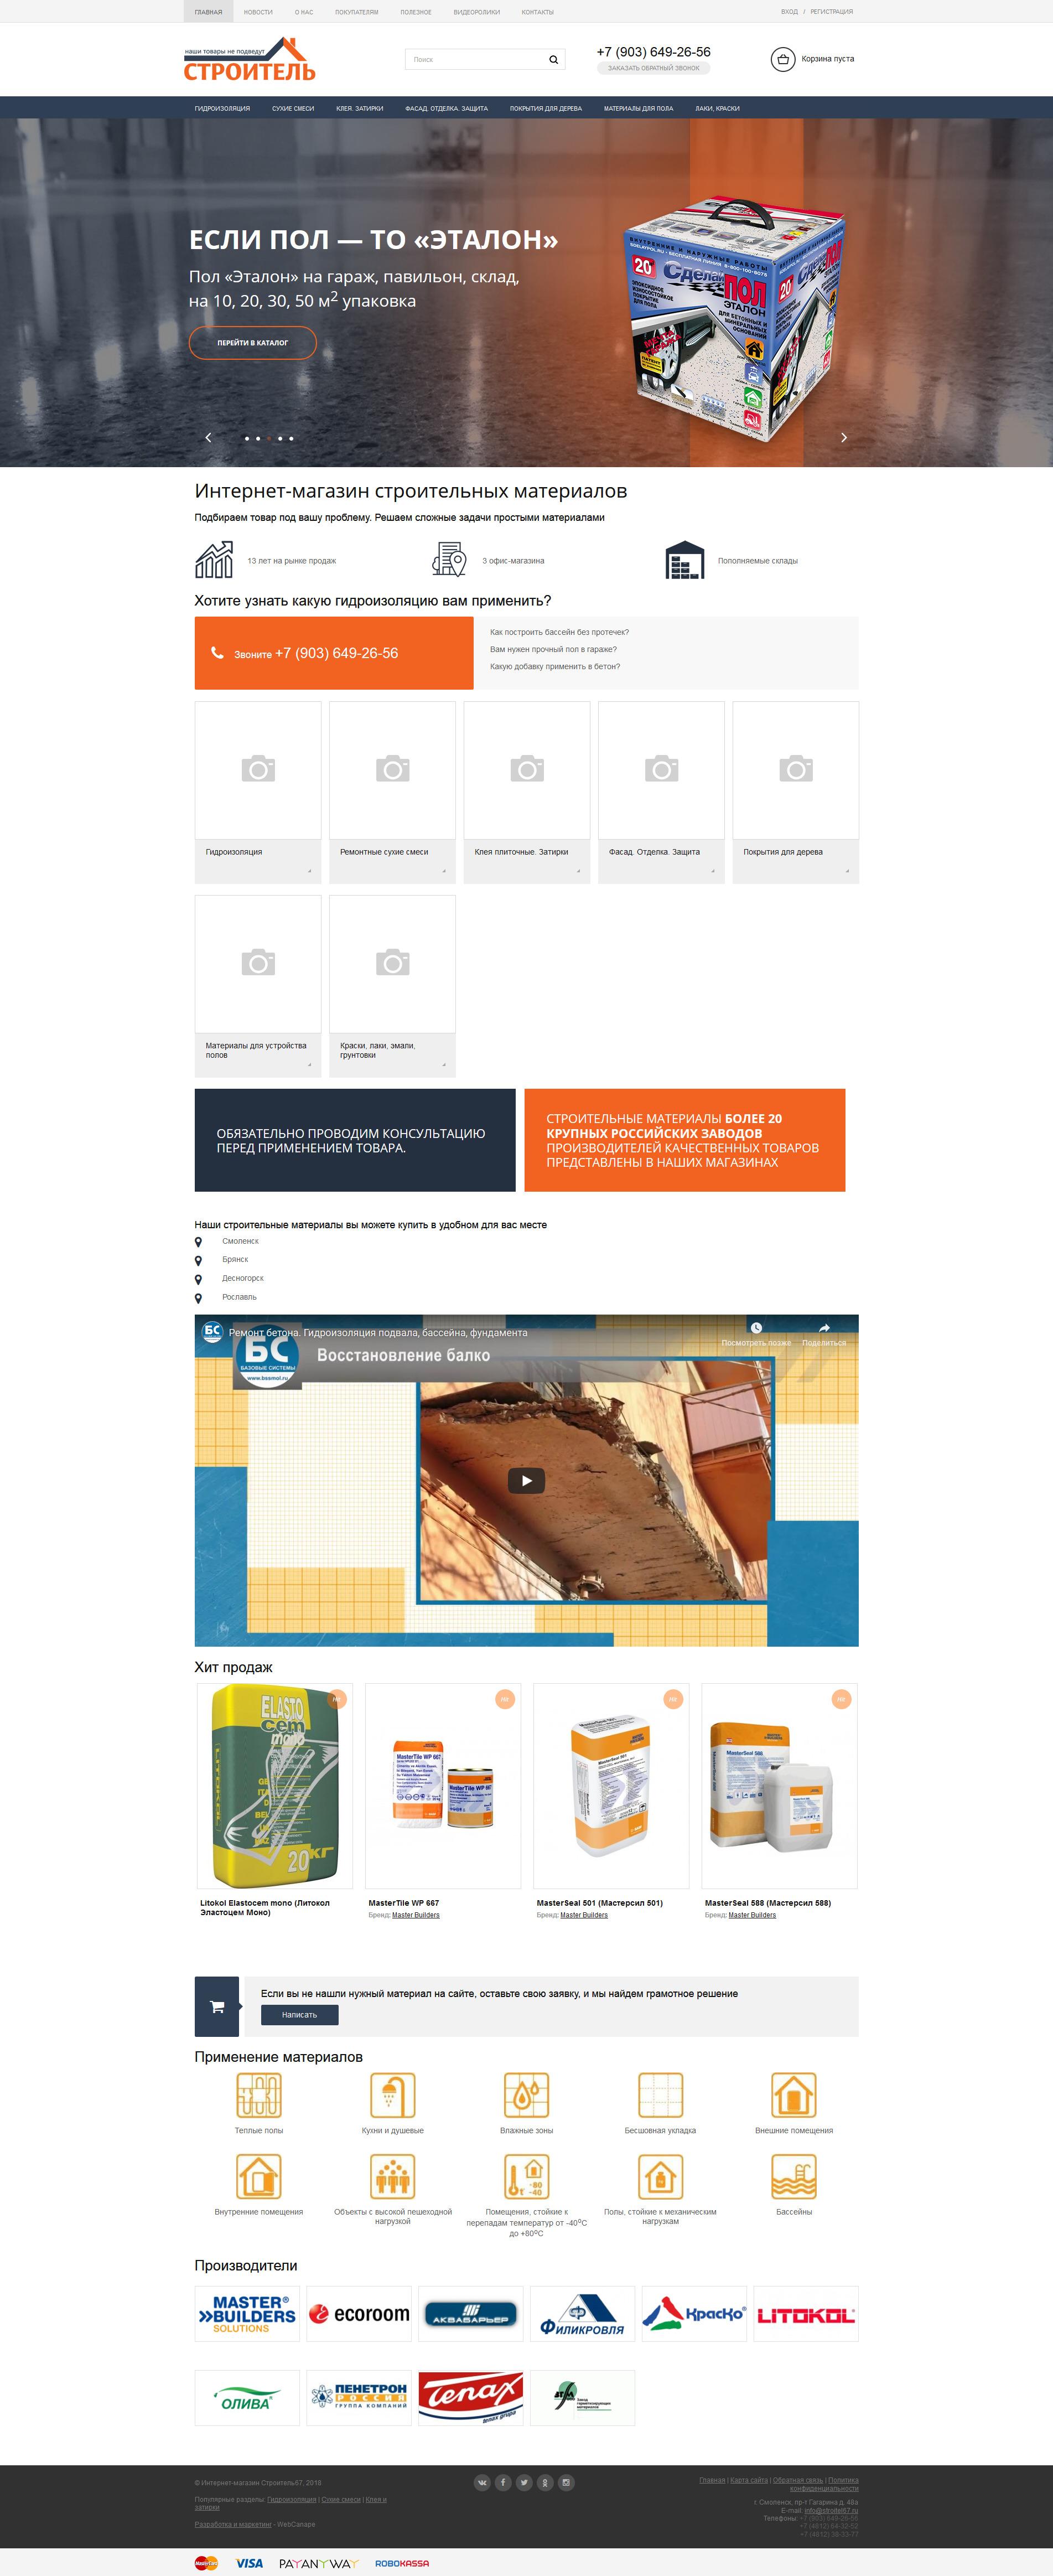 Сайт интернет-магазина строительных материалов